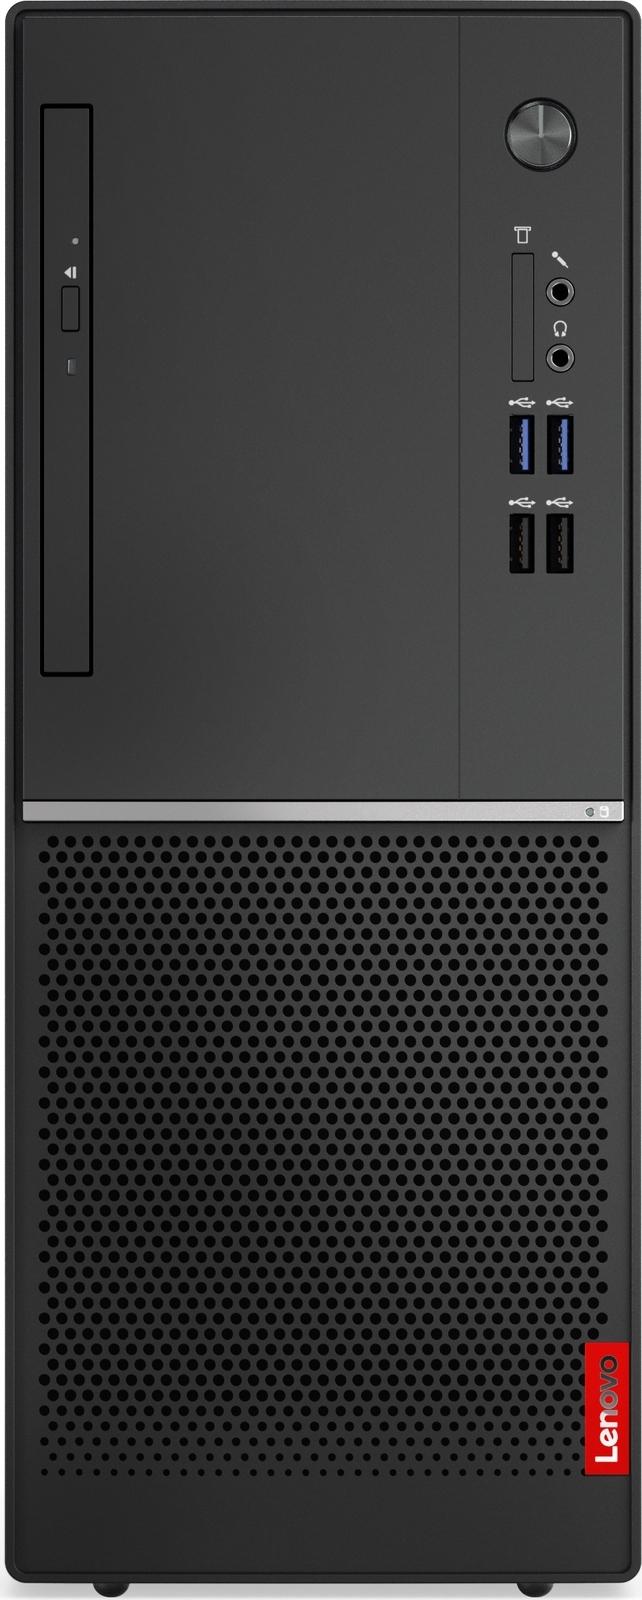 Системный блок Lenovo V520-15IKL MT, 10NKS05000, черный цена